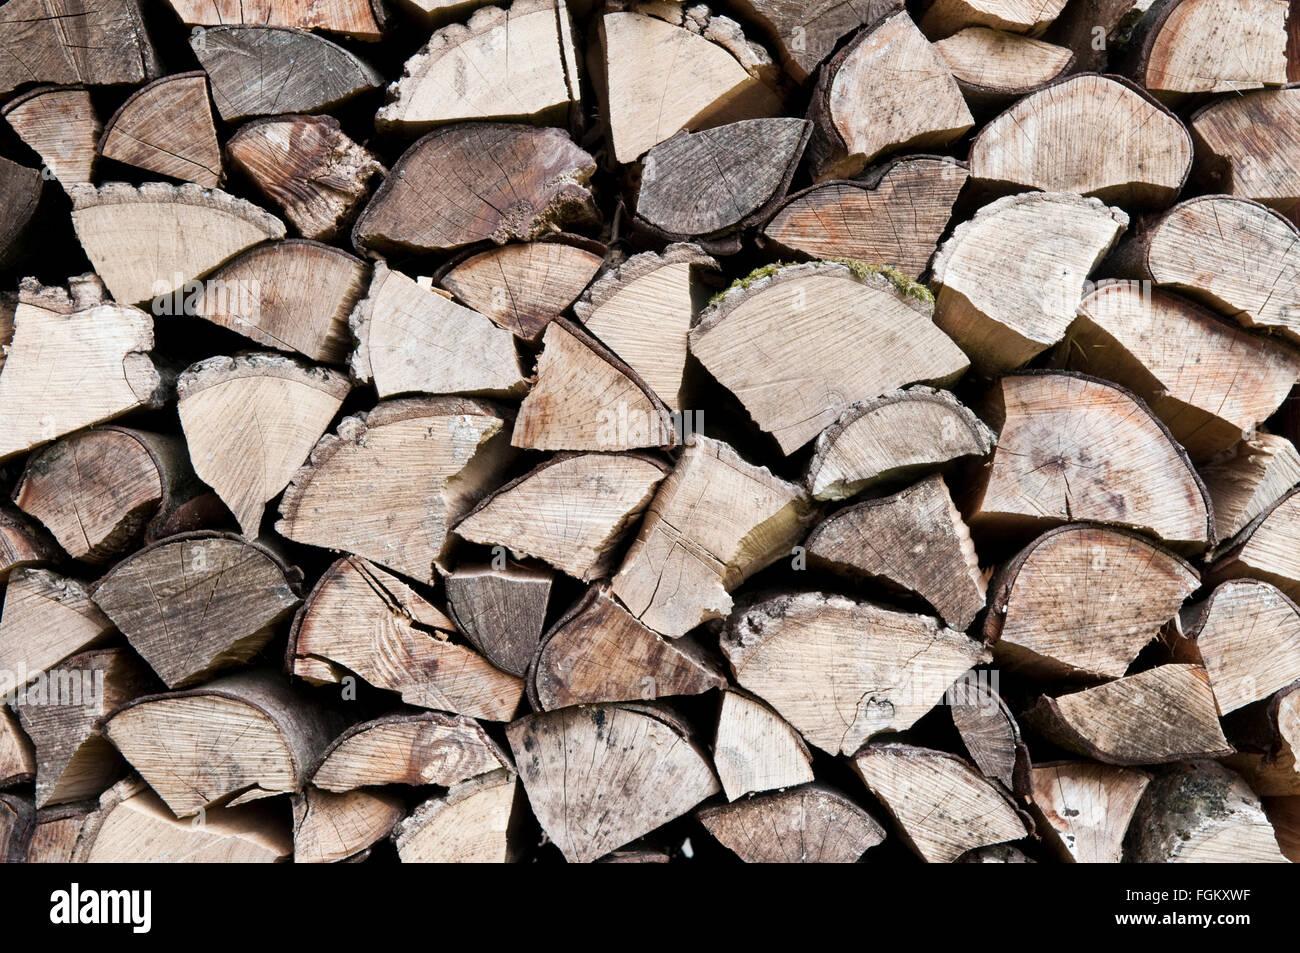 Fine sulla vista di un mucchio di tritato grossolanamente tronchi di legno Immagini Stock